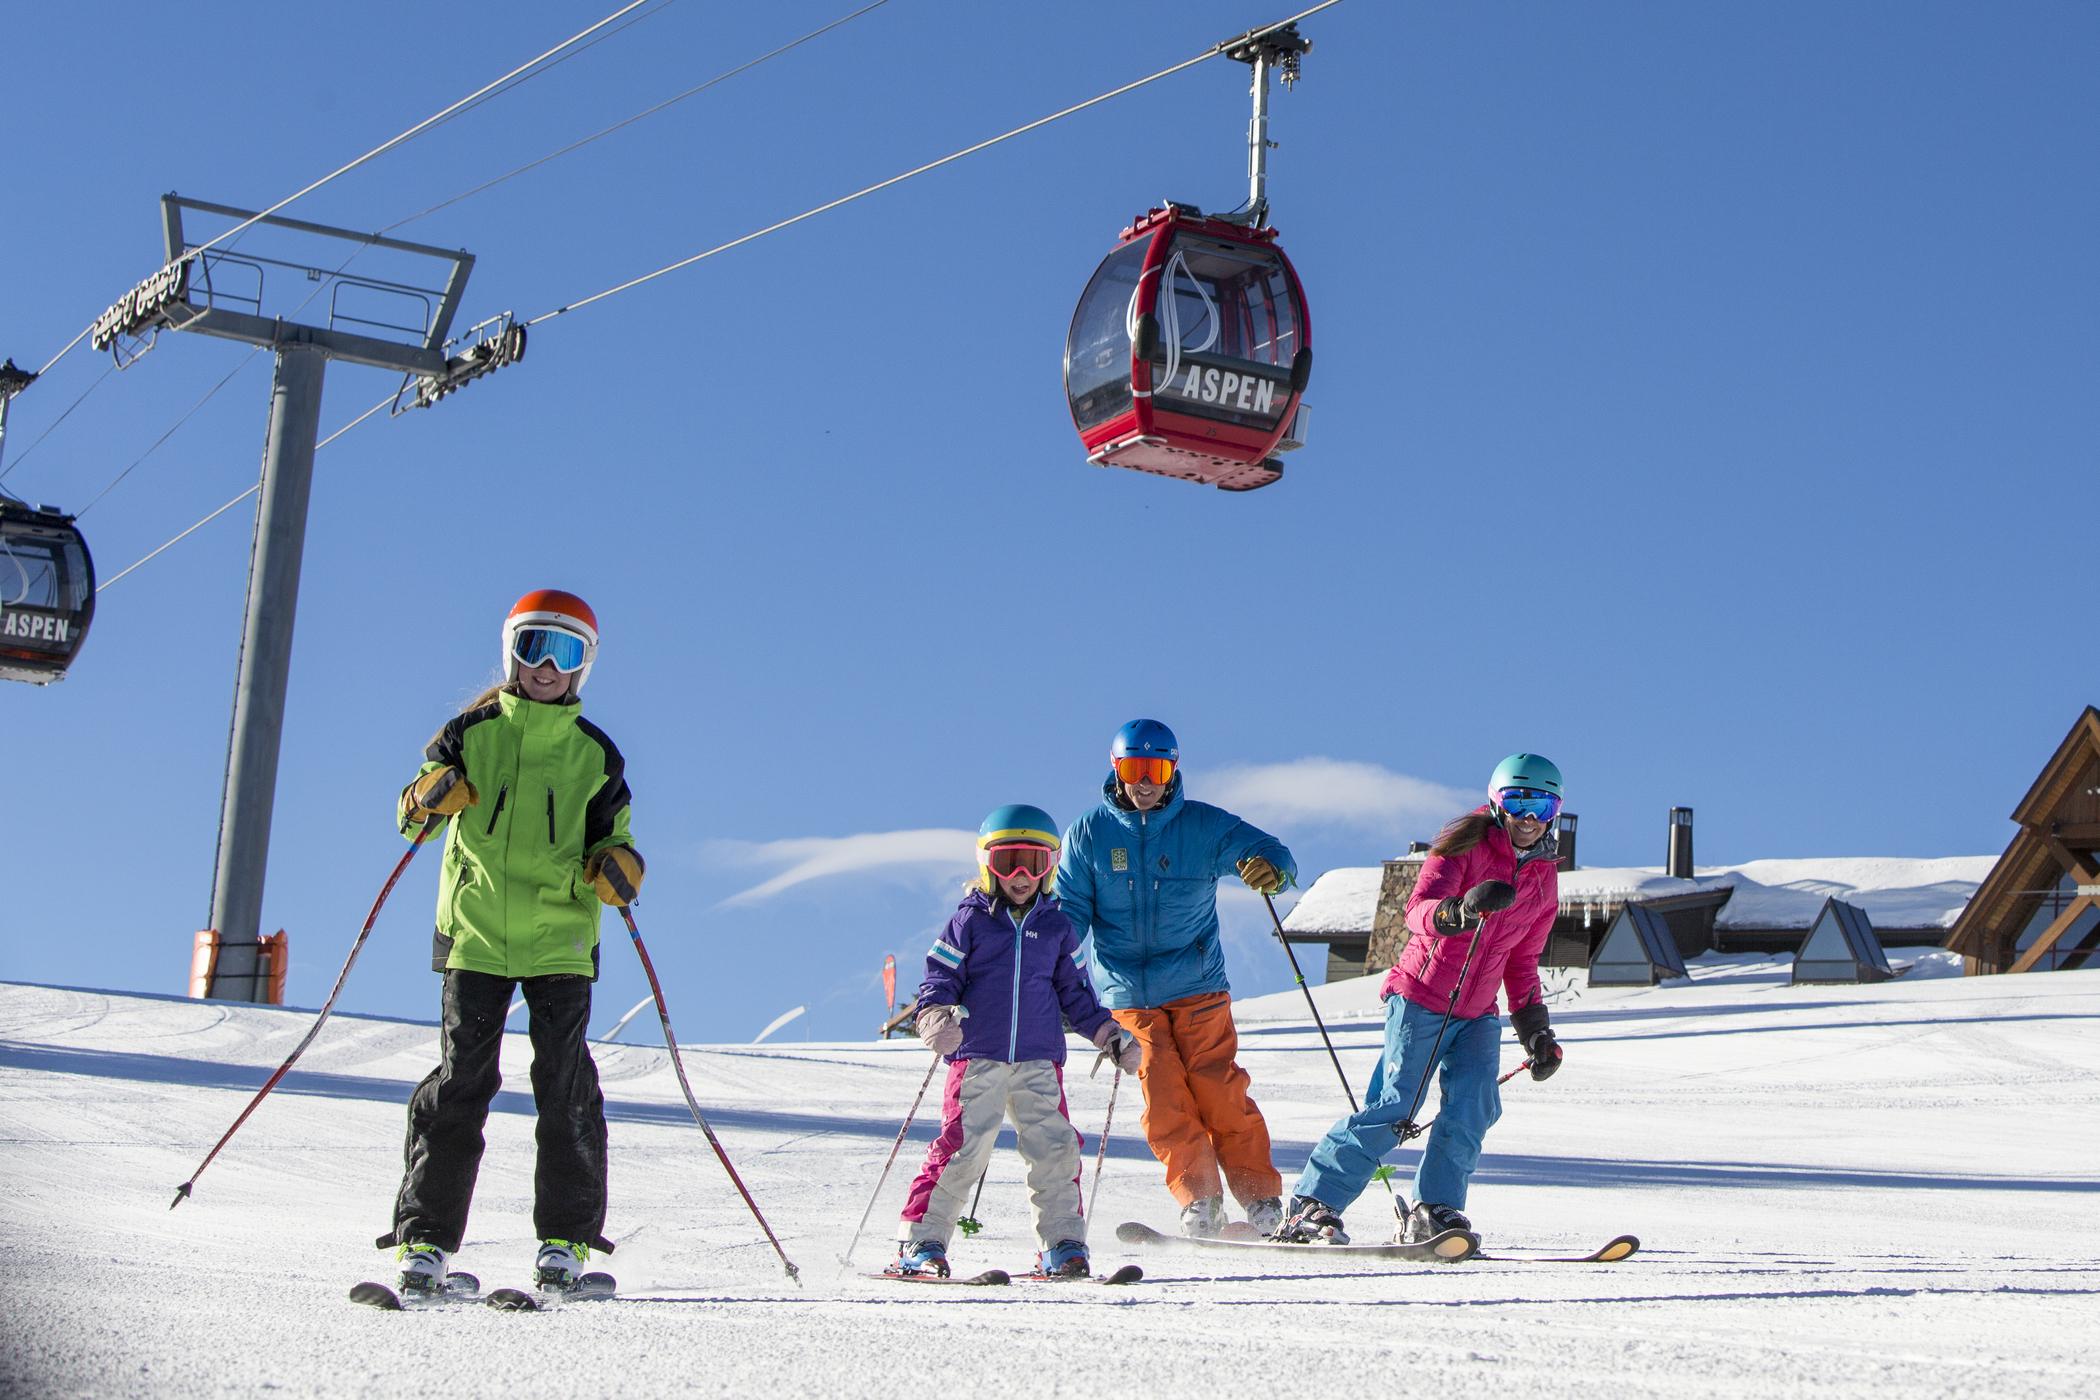 ski lift aspen snowmass